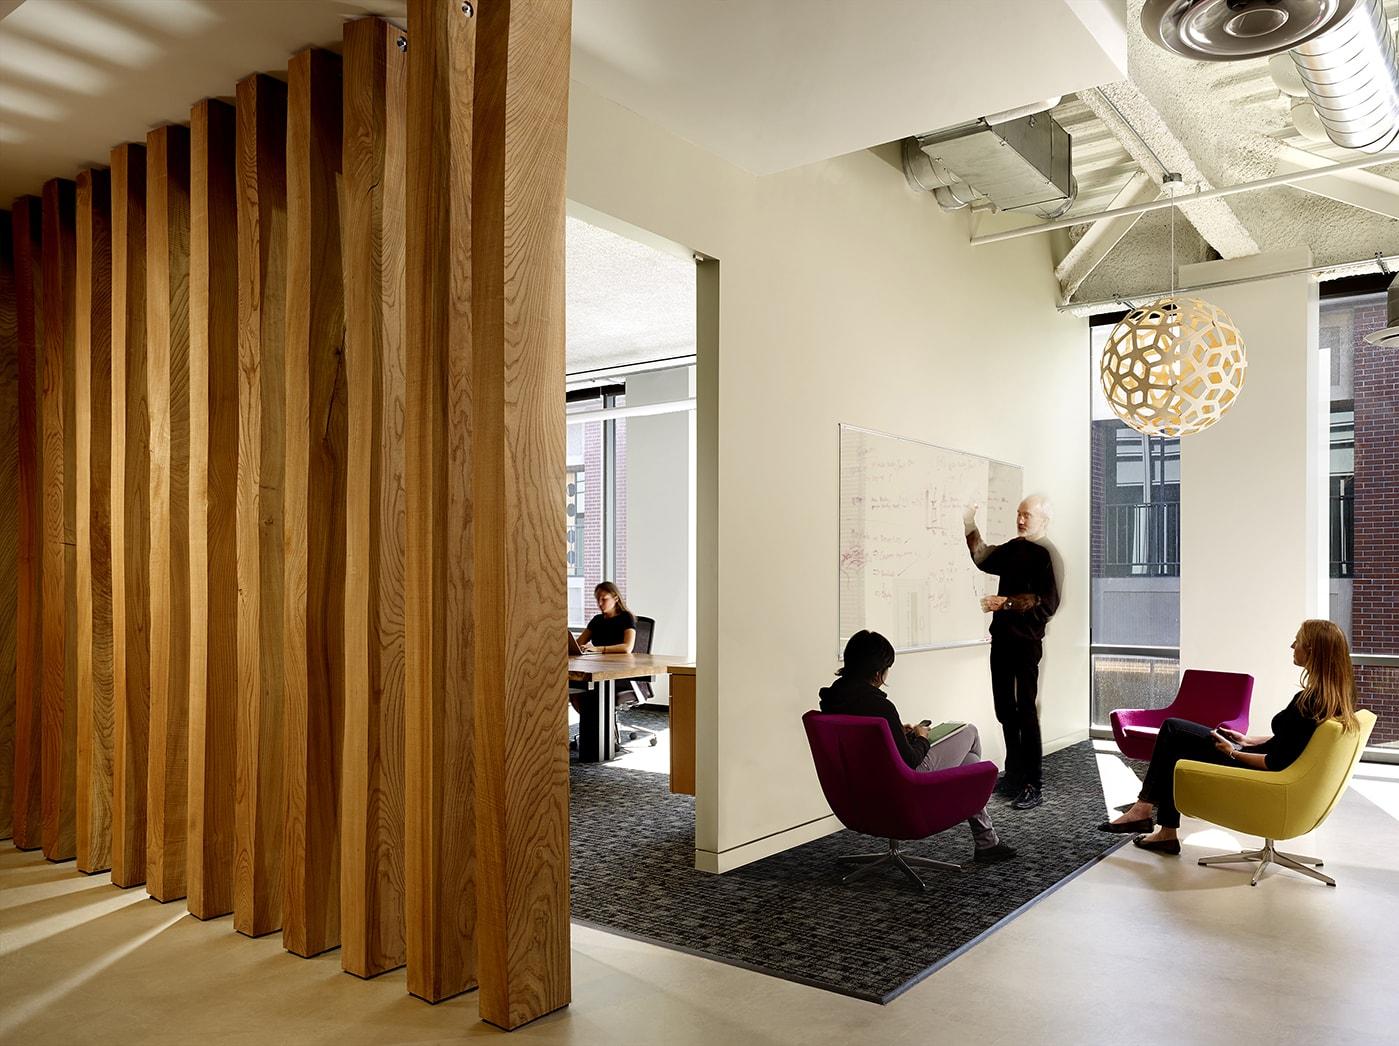 New Relic Headquarters by Quezada Architecture (Fred Quezada, Cecilia Quezada, Ed Tingley)